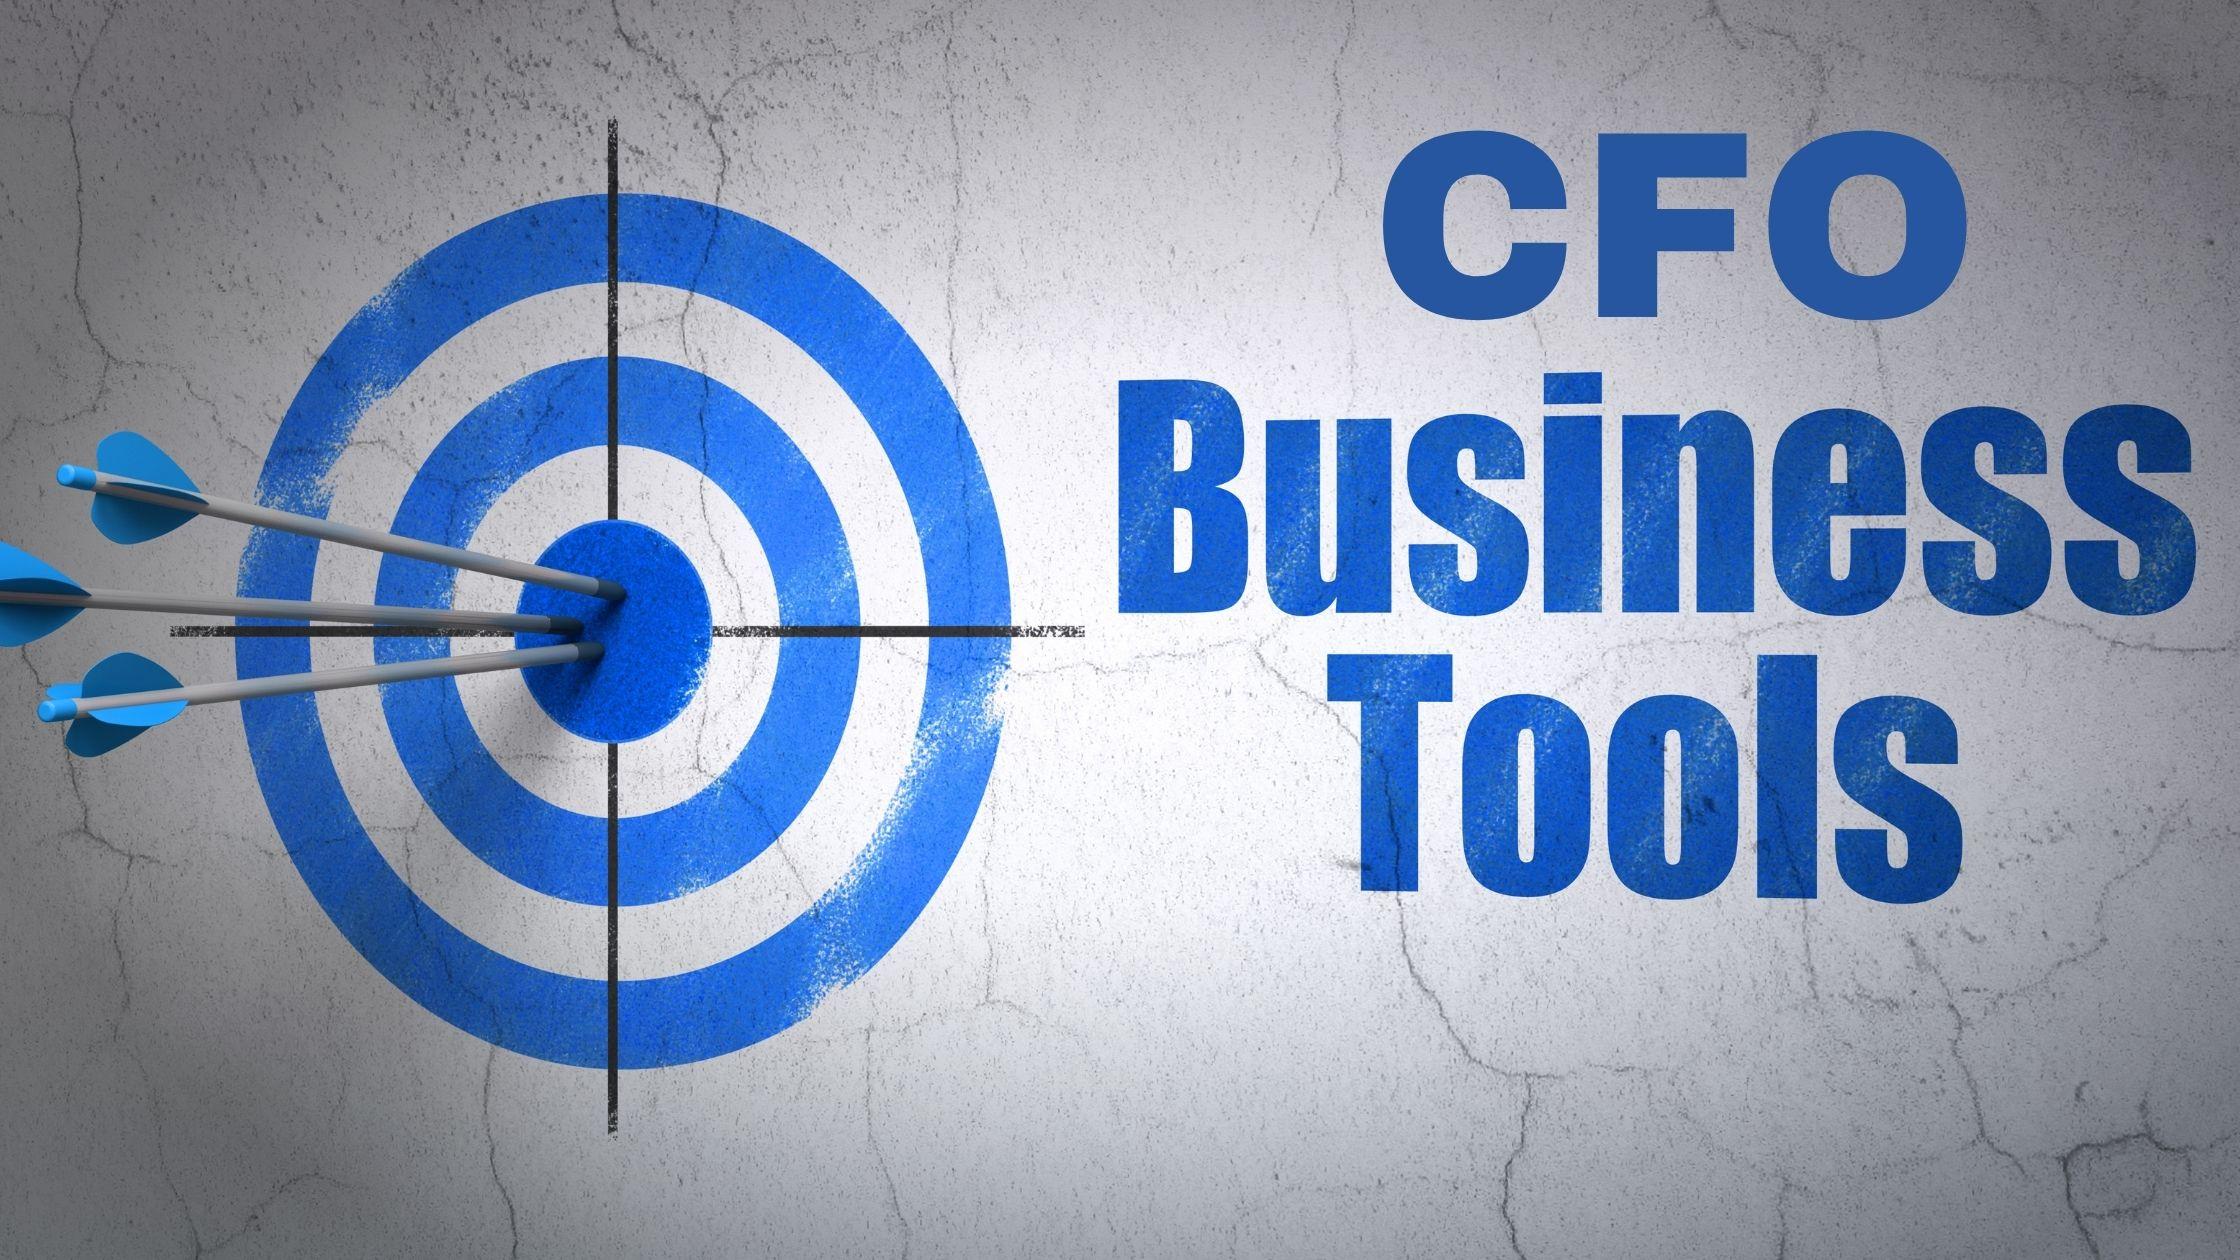 CFO tools